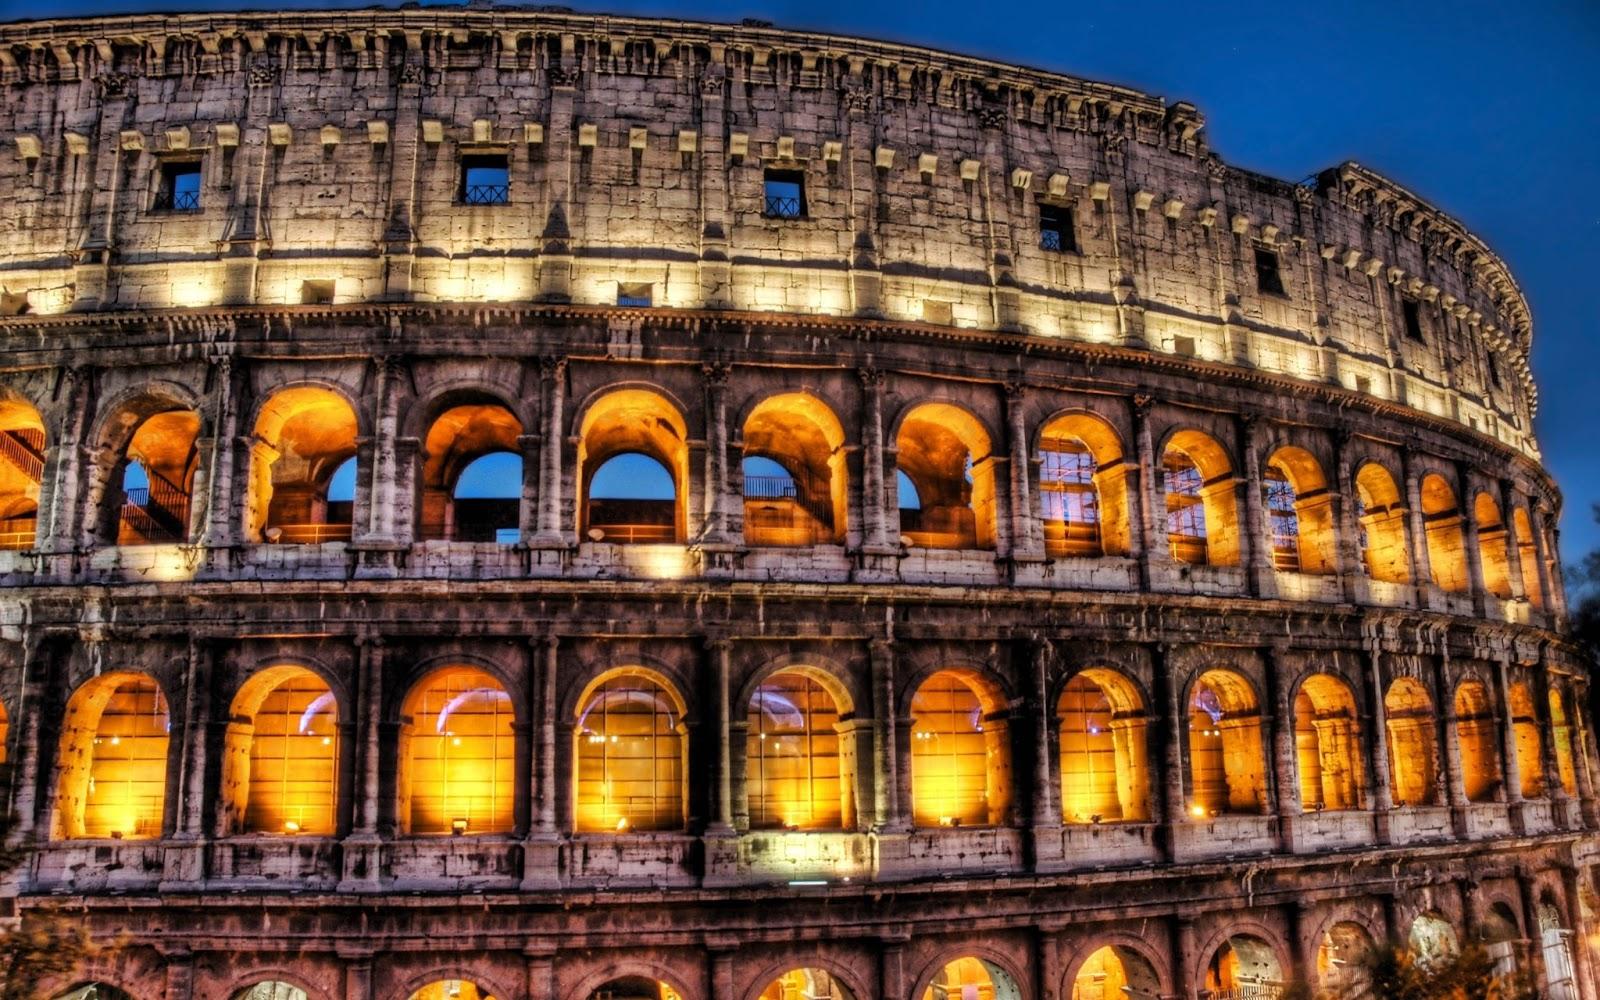 http://3.bp.blogspot.com/-5EL9AtzLNN8/UOtbitQUQ4I/AAAAAAAAMBM/VfM-pnHfZ4Q/s1600/rome.jpg